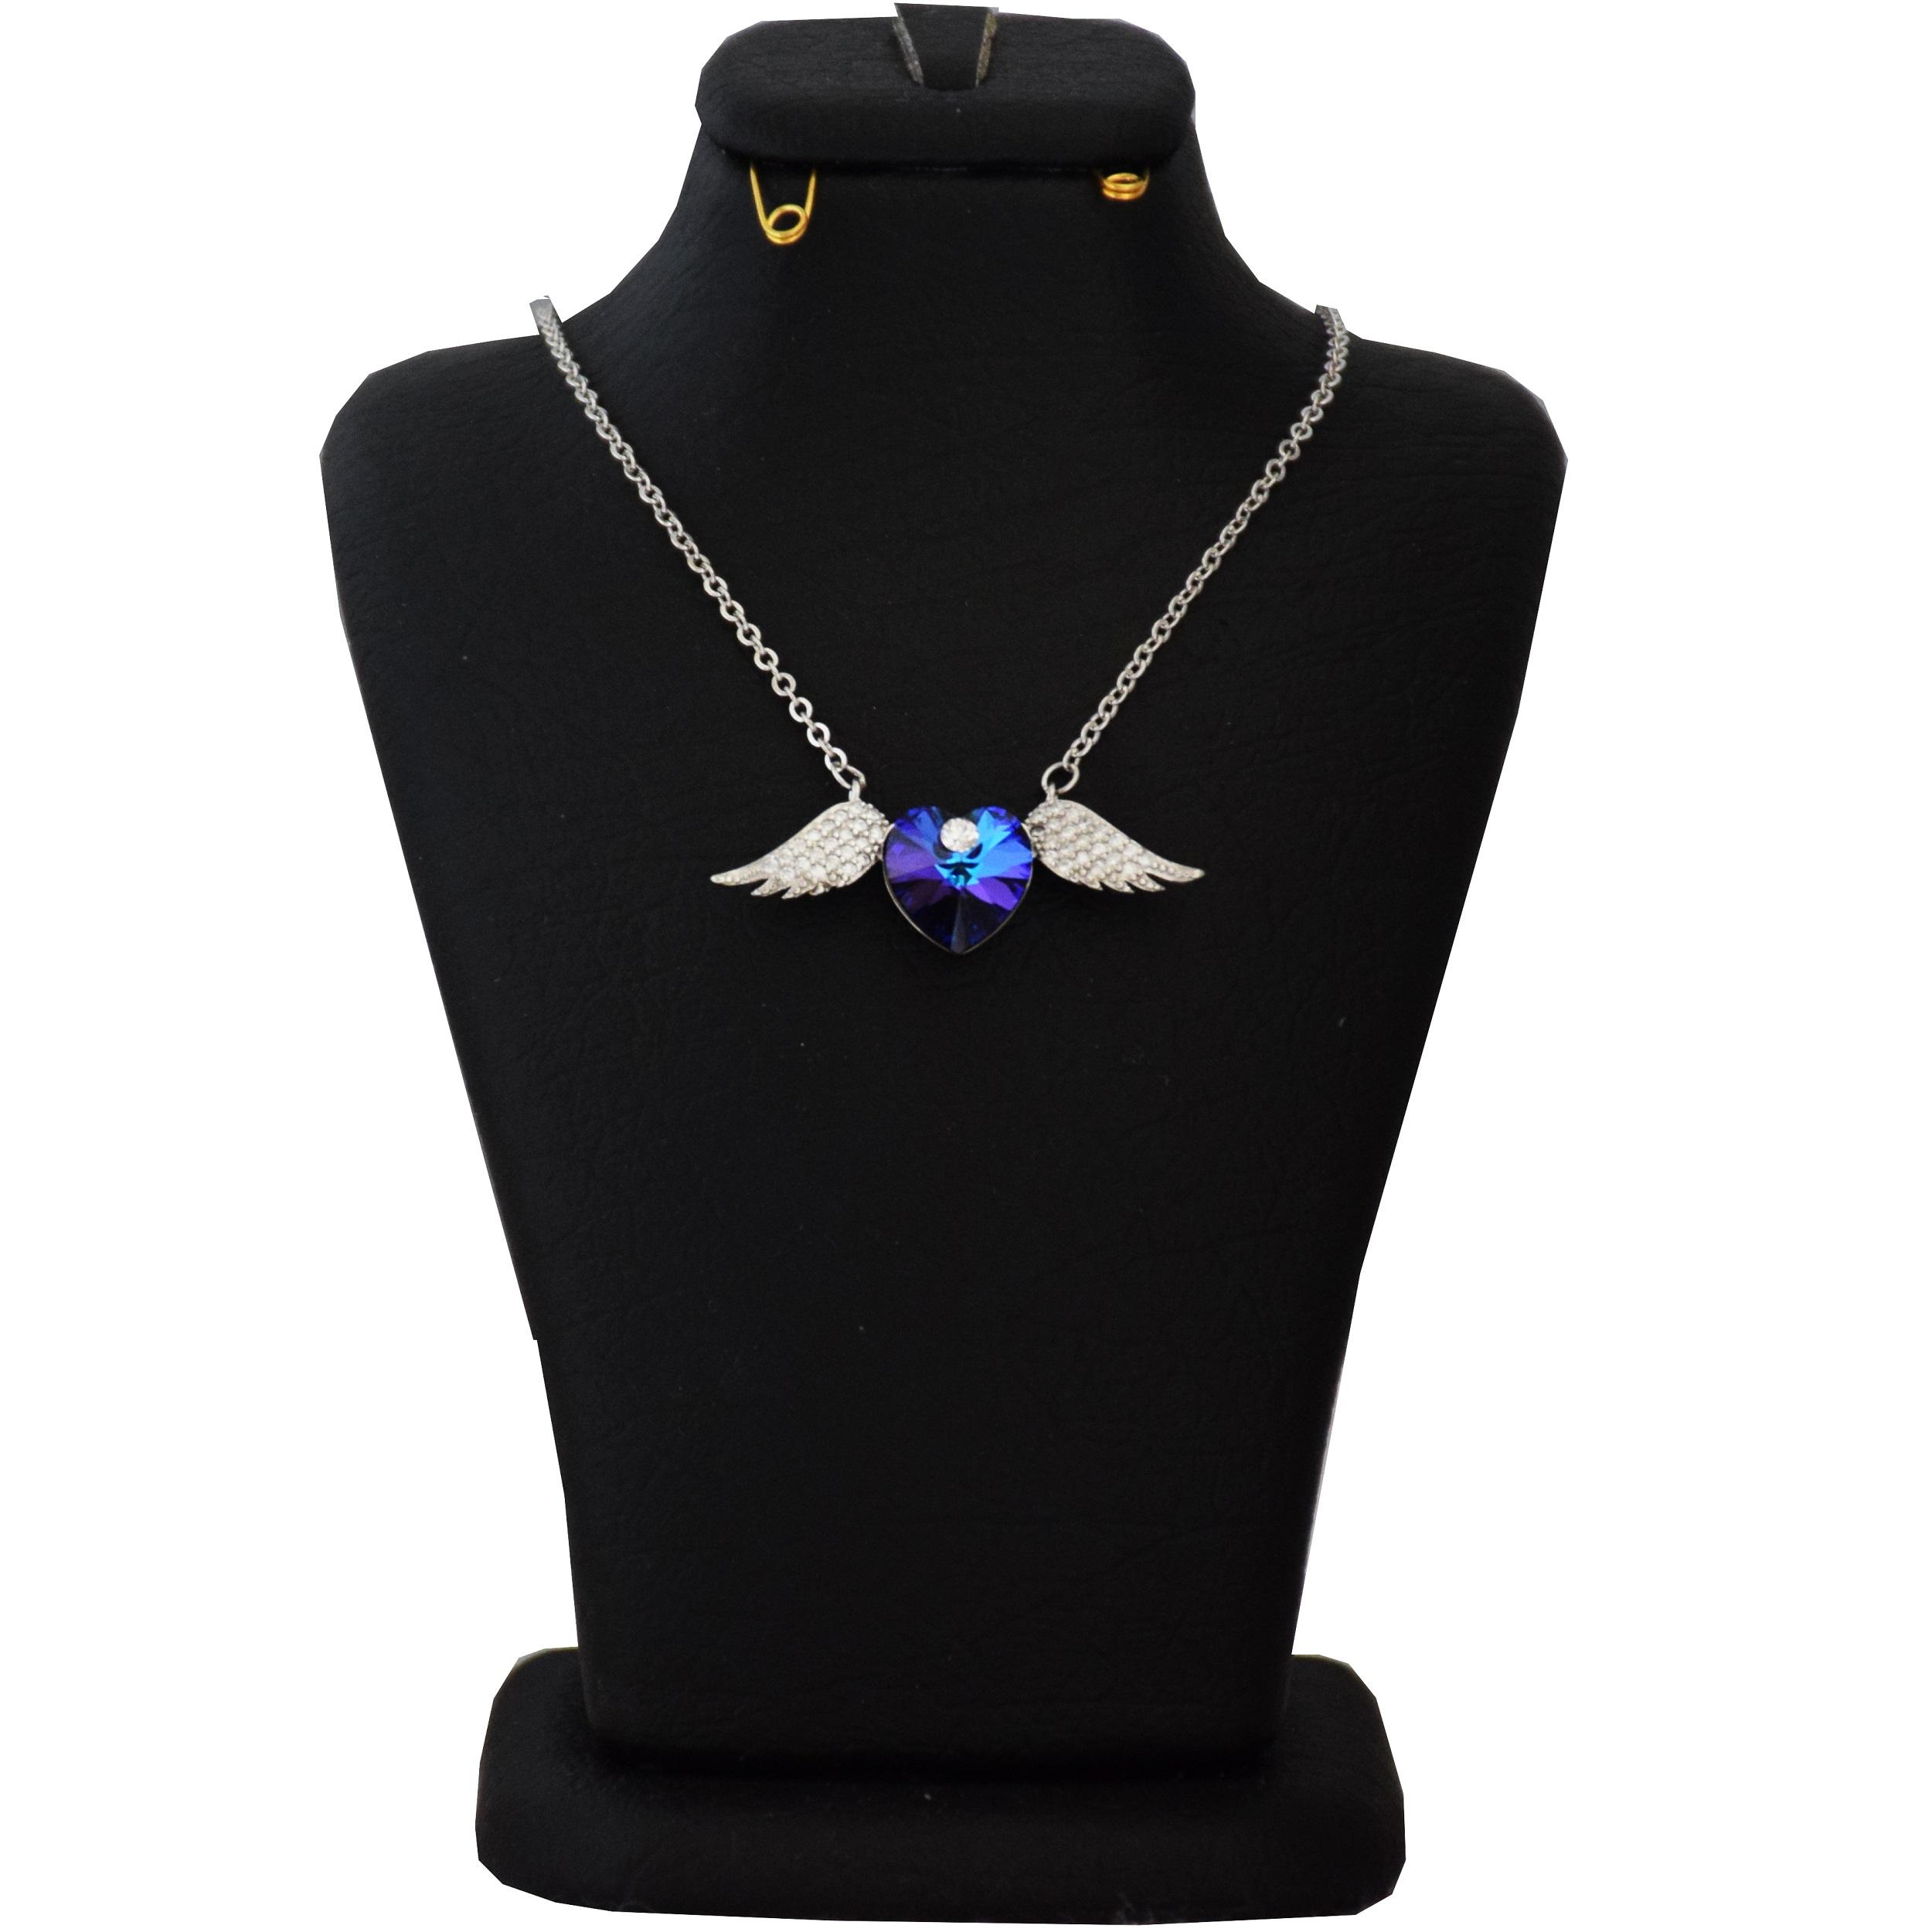 گردنبند نقره زنانه سواروسکی طرح بال کد NV 021